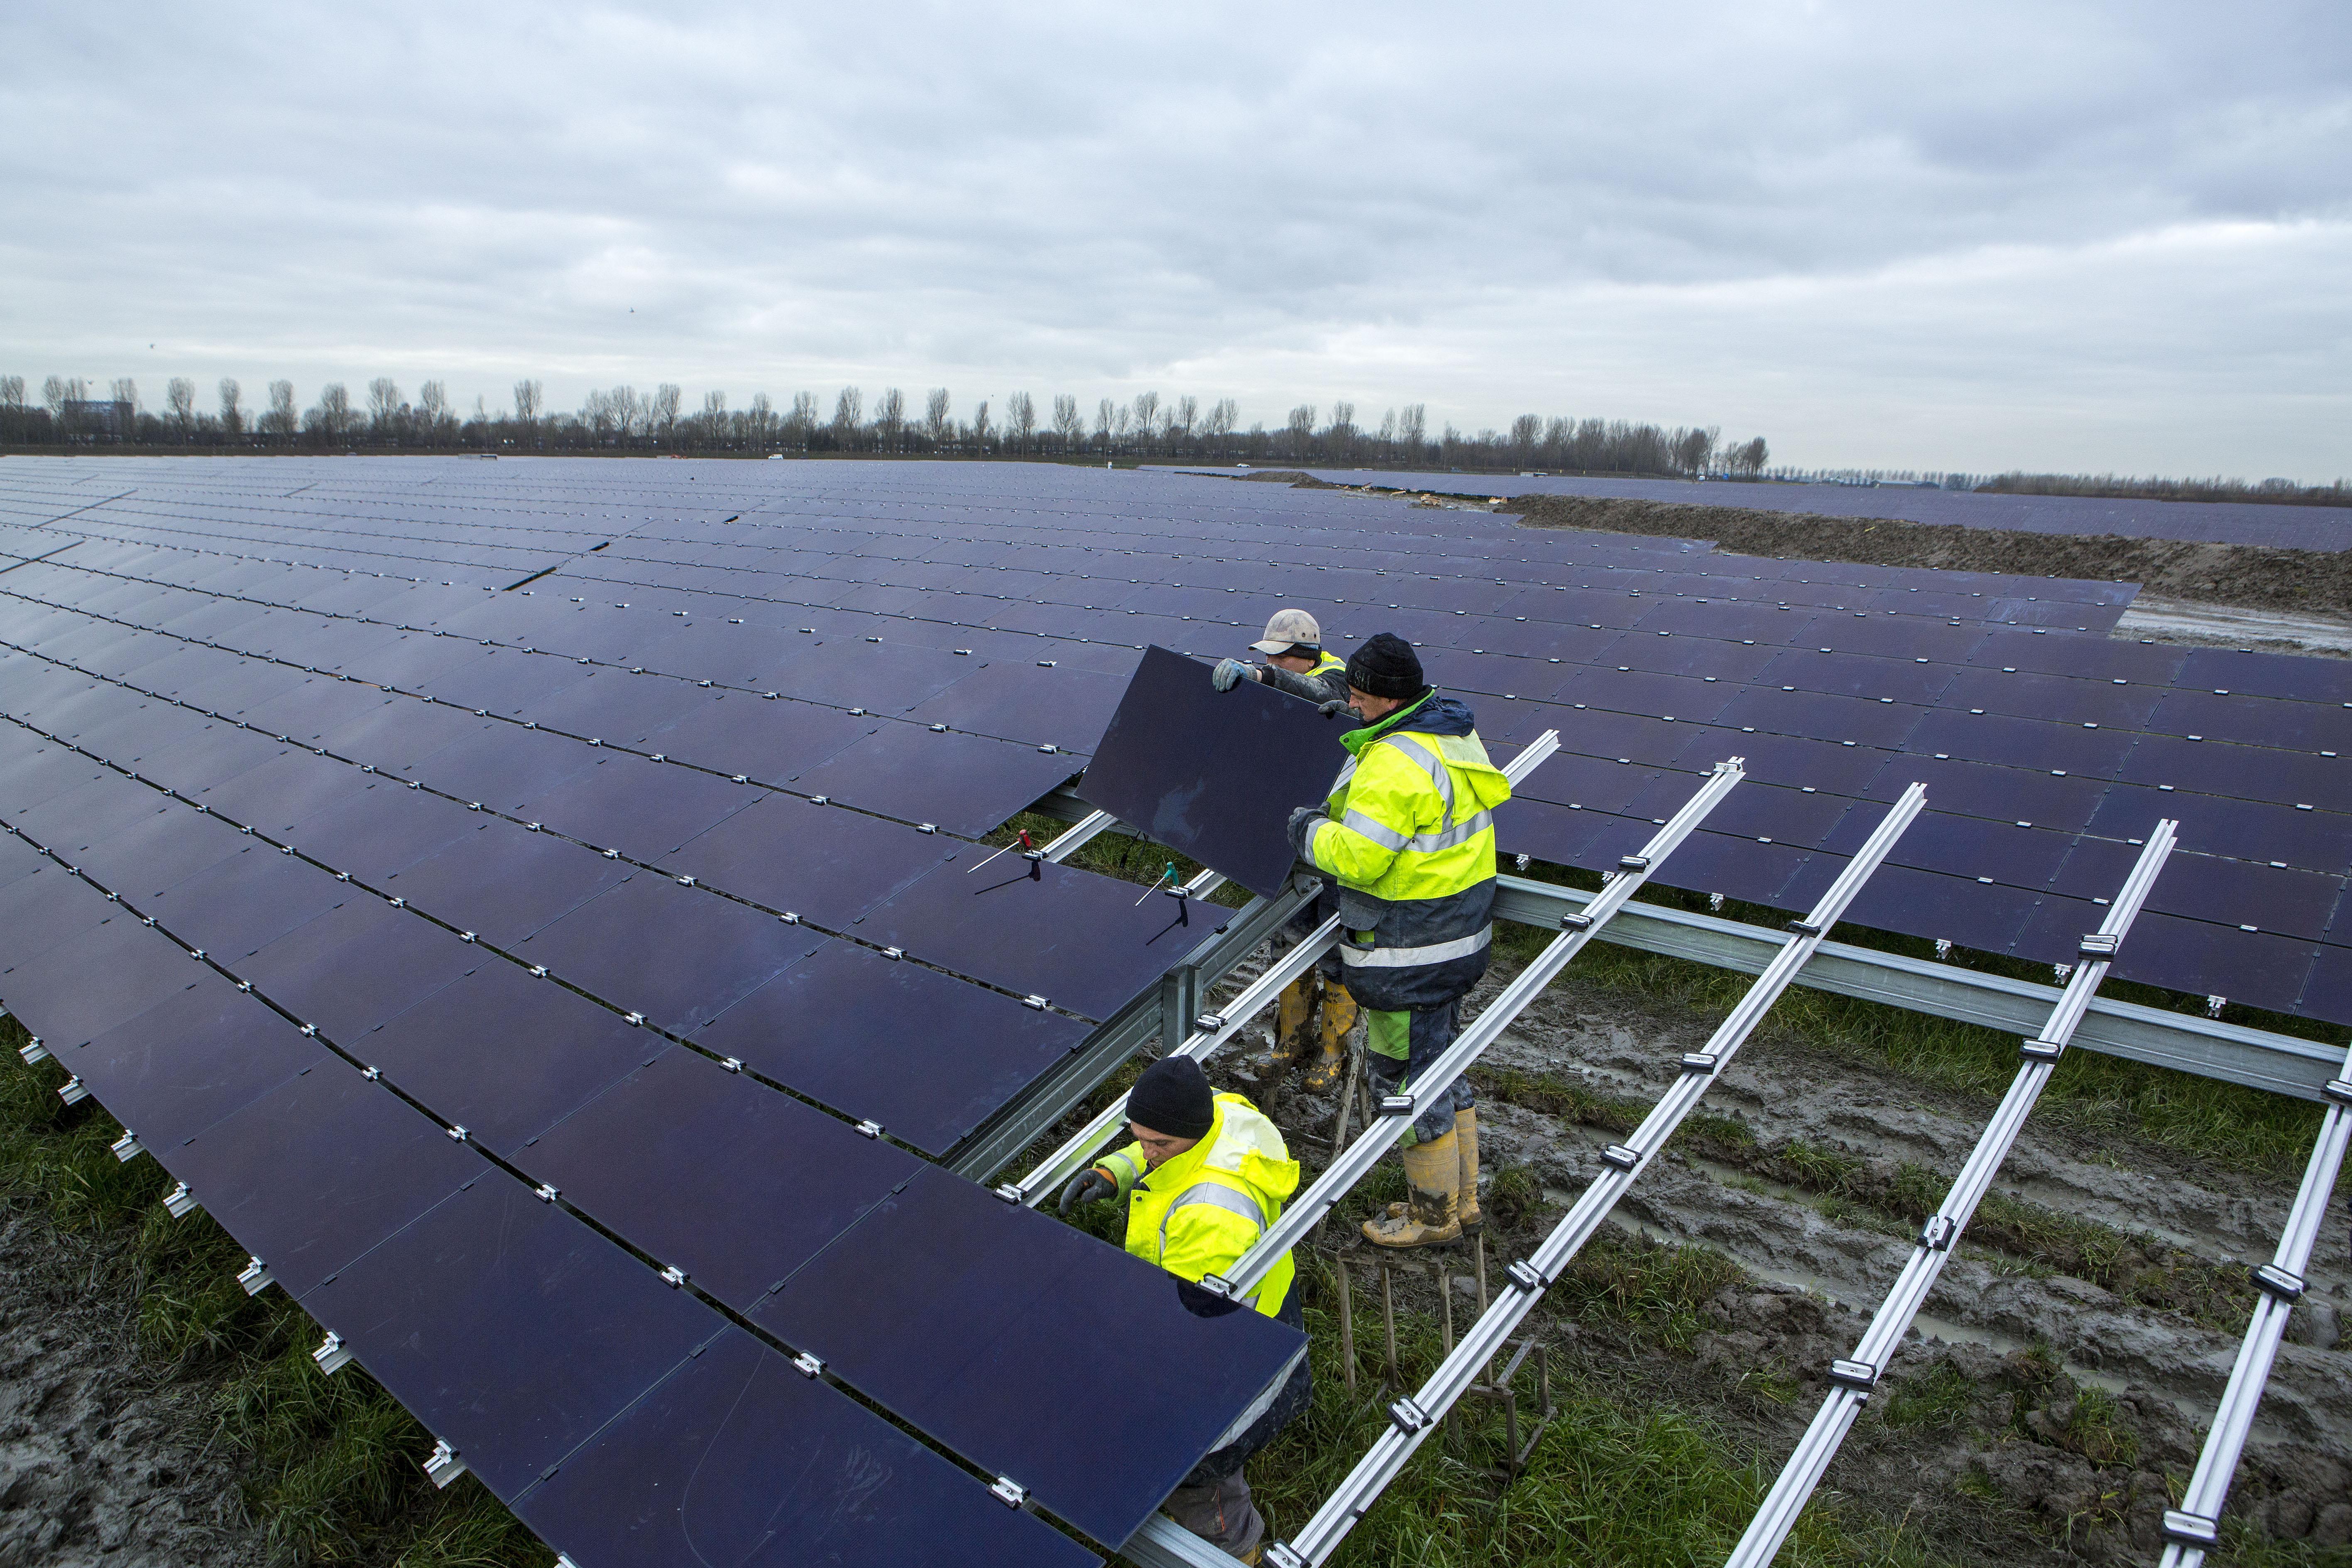 Zonneweide in Hoogwoud? Bedrijven azen op landbouwgrond voor duurzame projecten